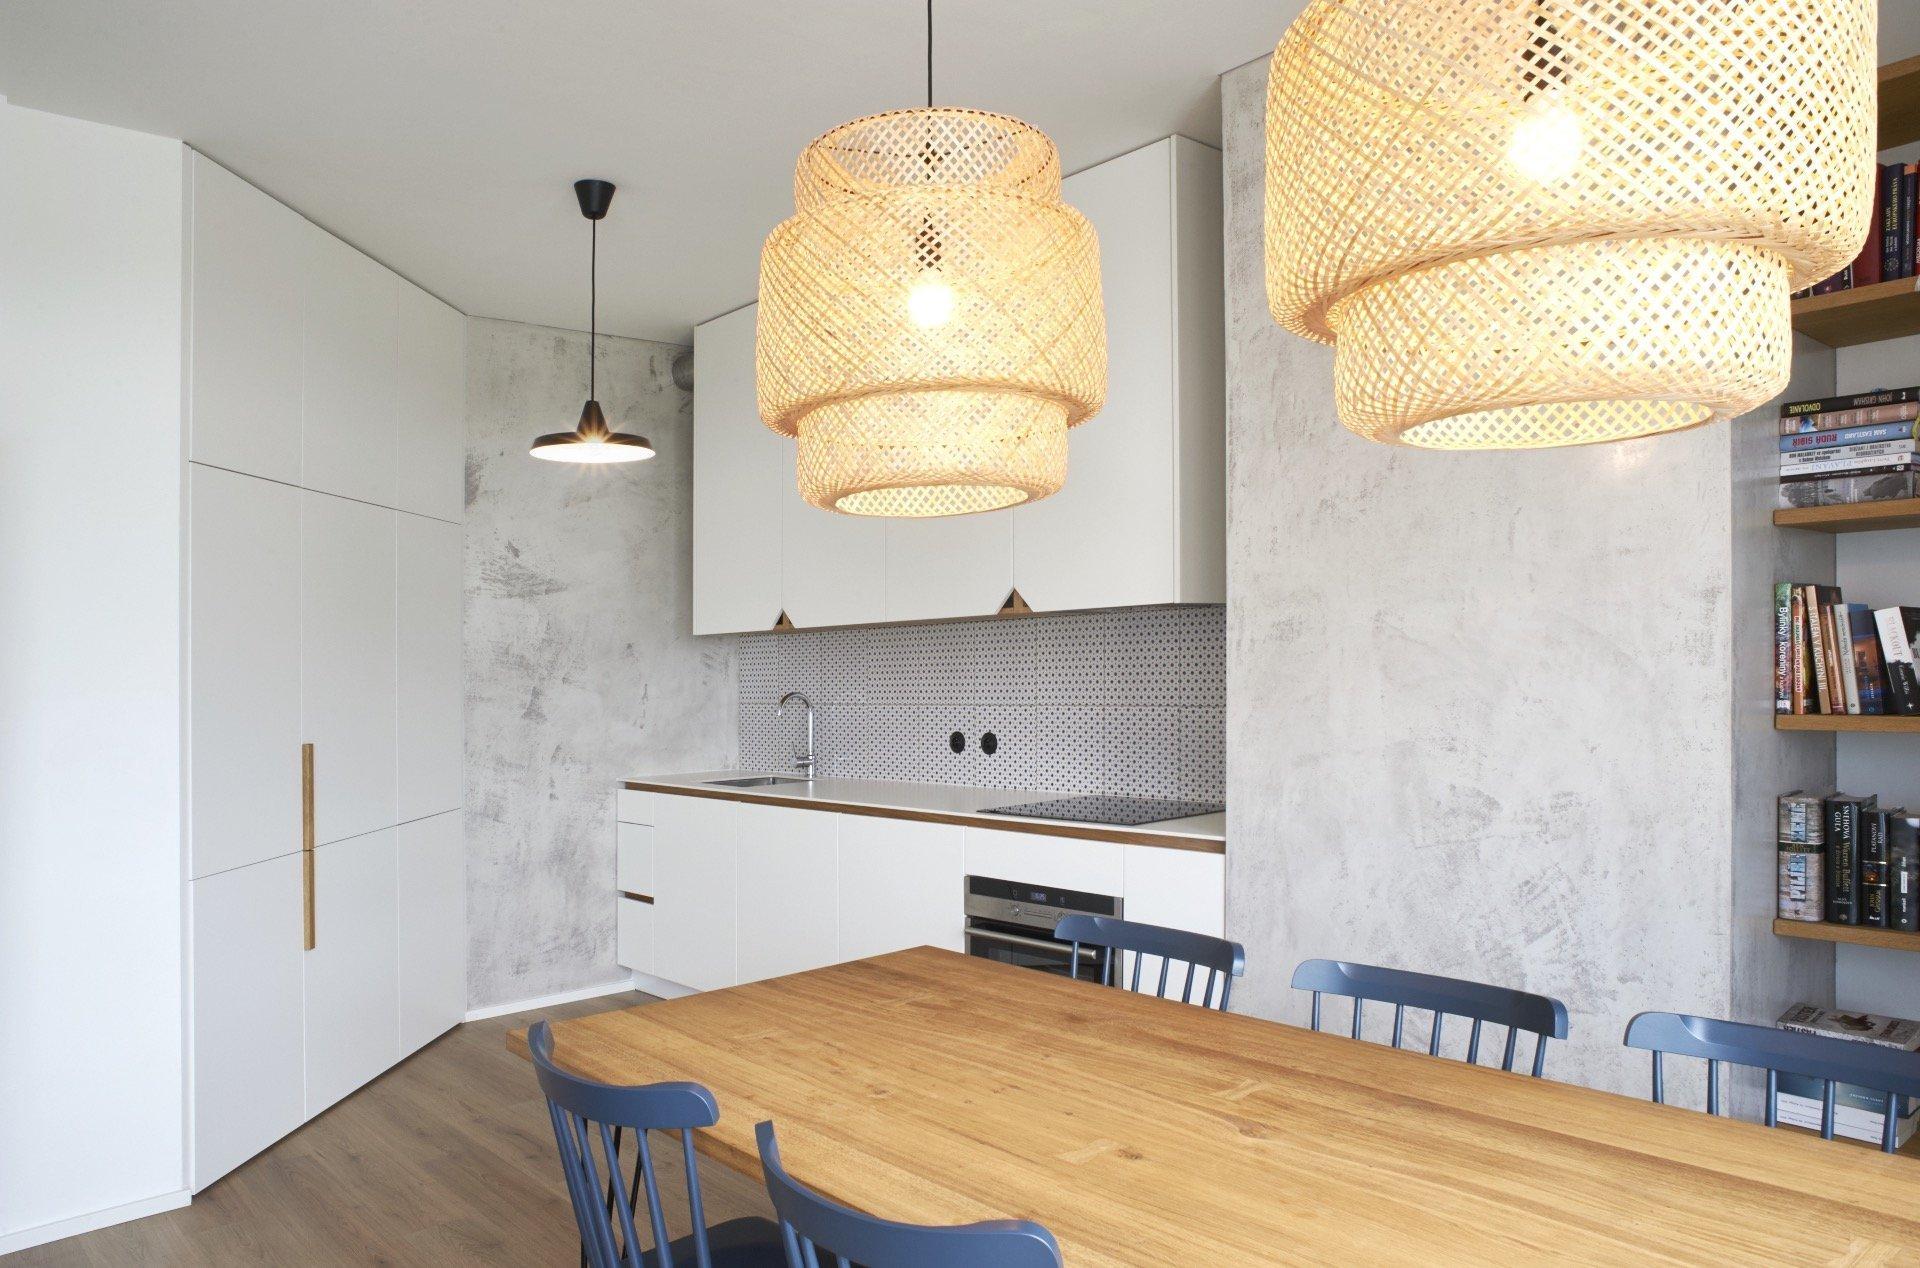 Byt s dispozicí 3+KK se nachází v novostavbě developerského projektu s krásným výhledem na Prokopské údolí. Snažili jsme se vyhovět přání majitelky a vnést do…